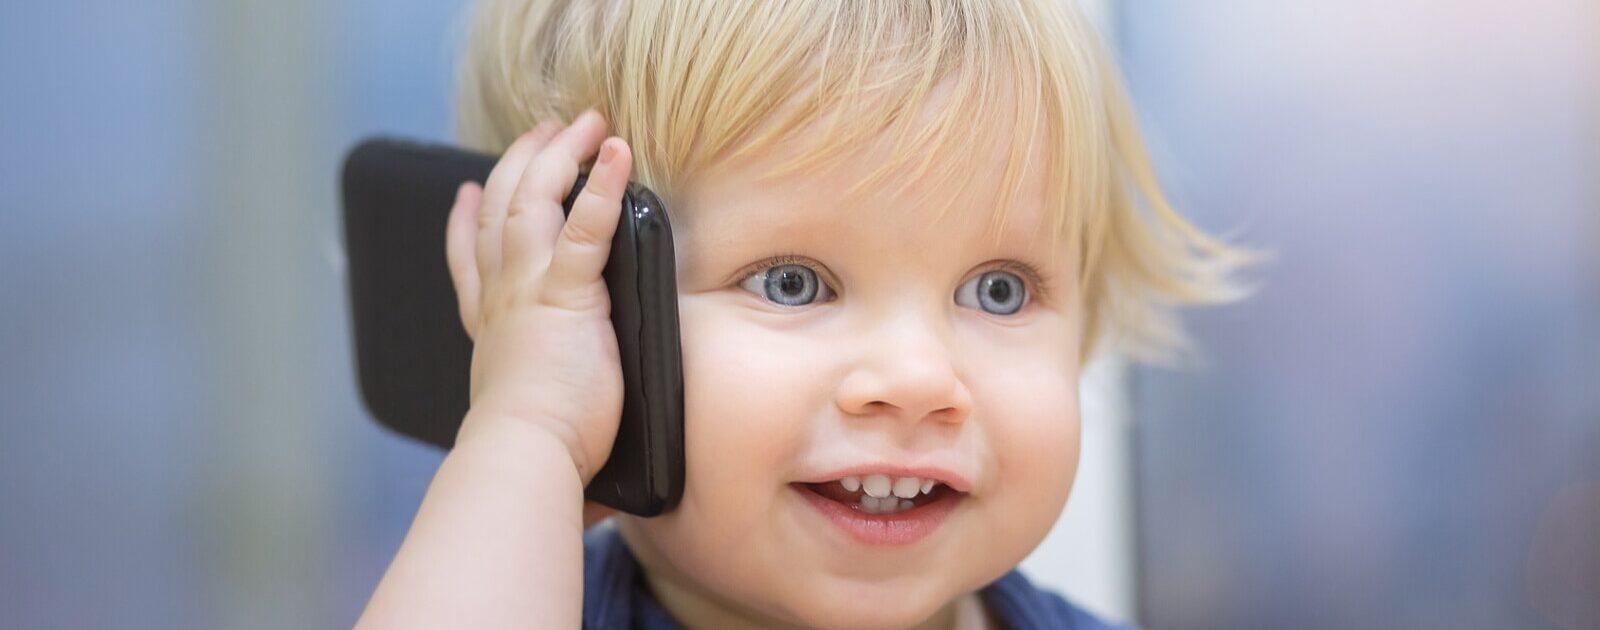 Die ersten Worte: Ein Baby spricht in ein Telefon